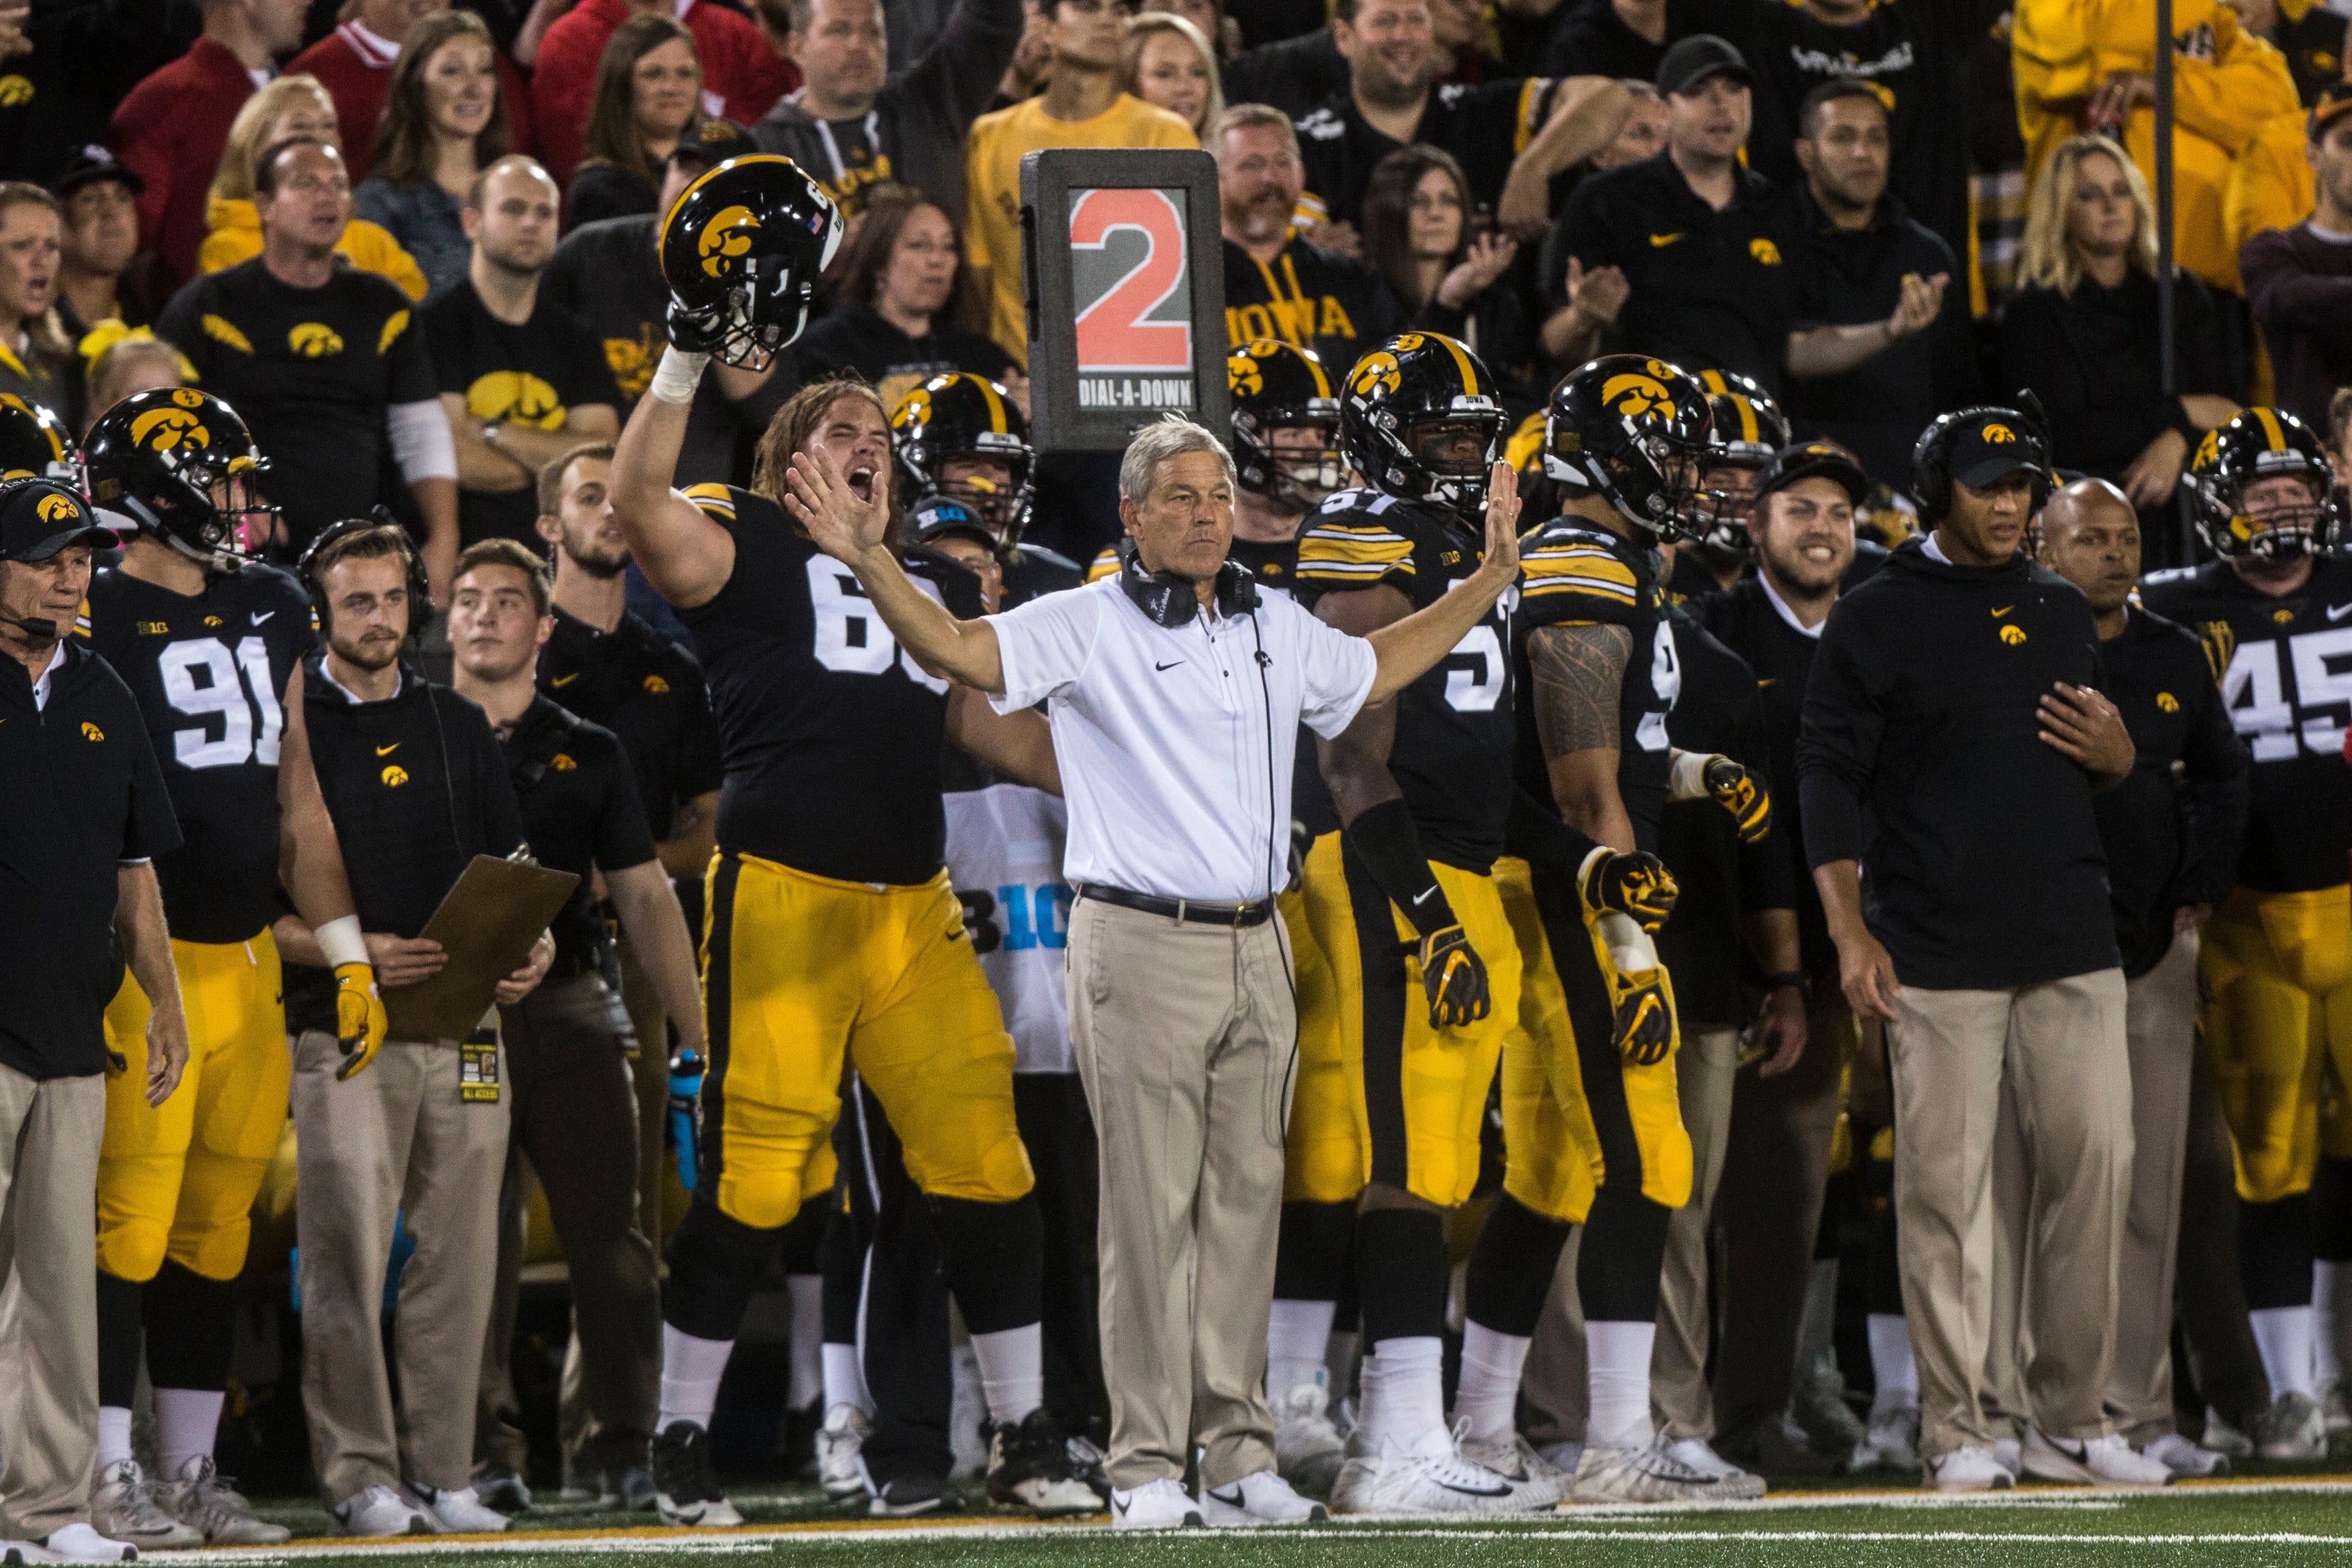 Leistikow: An Iowa football road map to a 10-win season